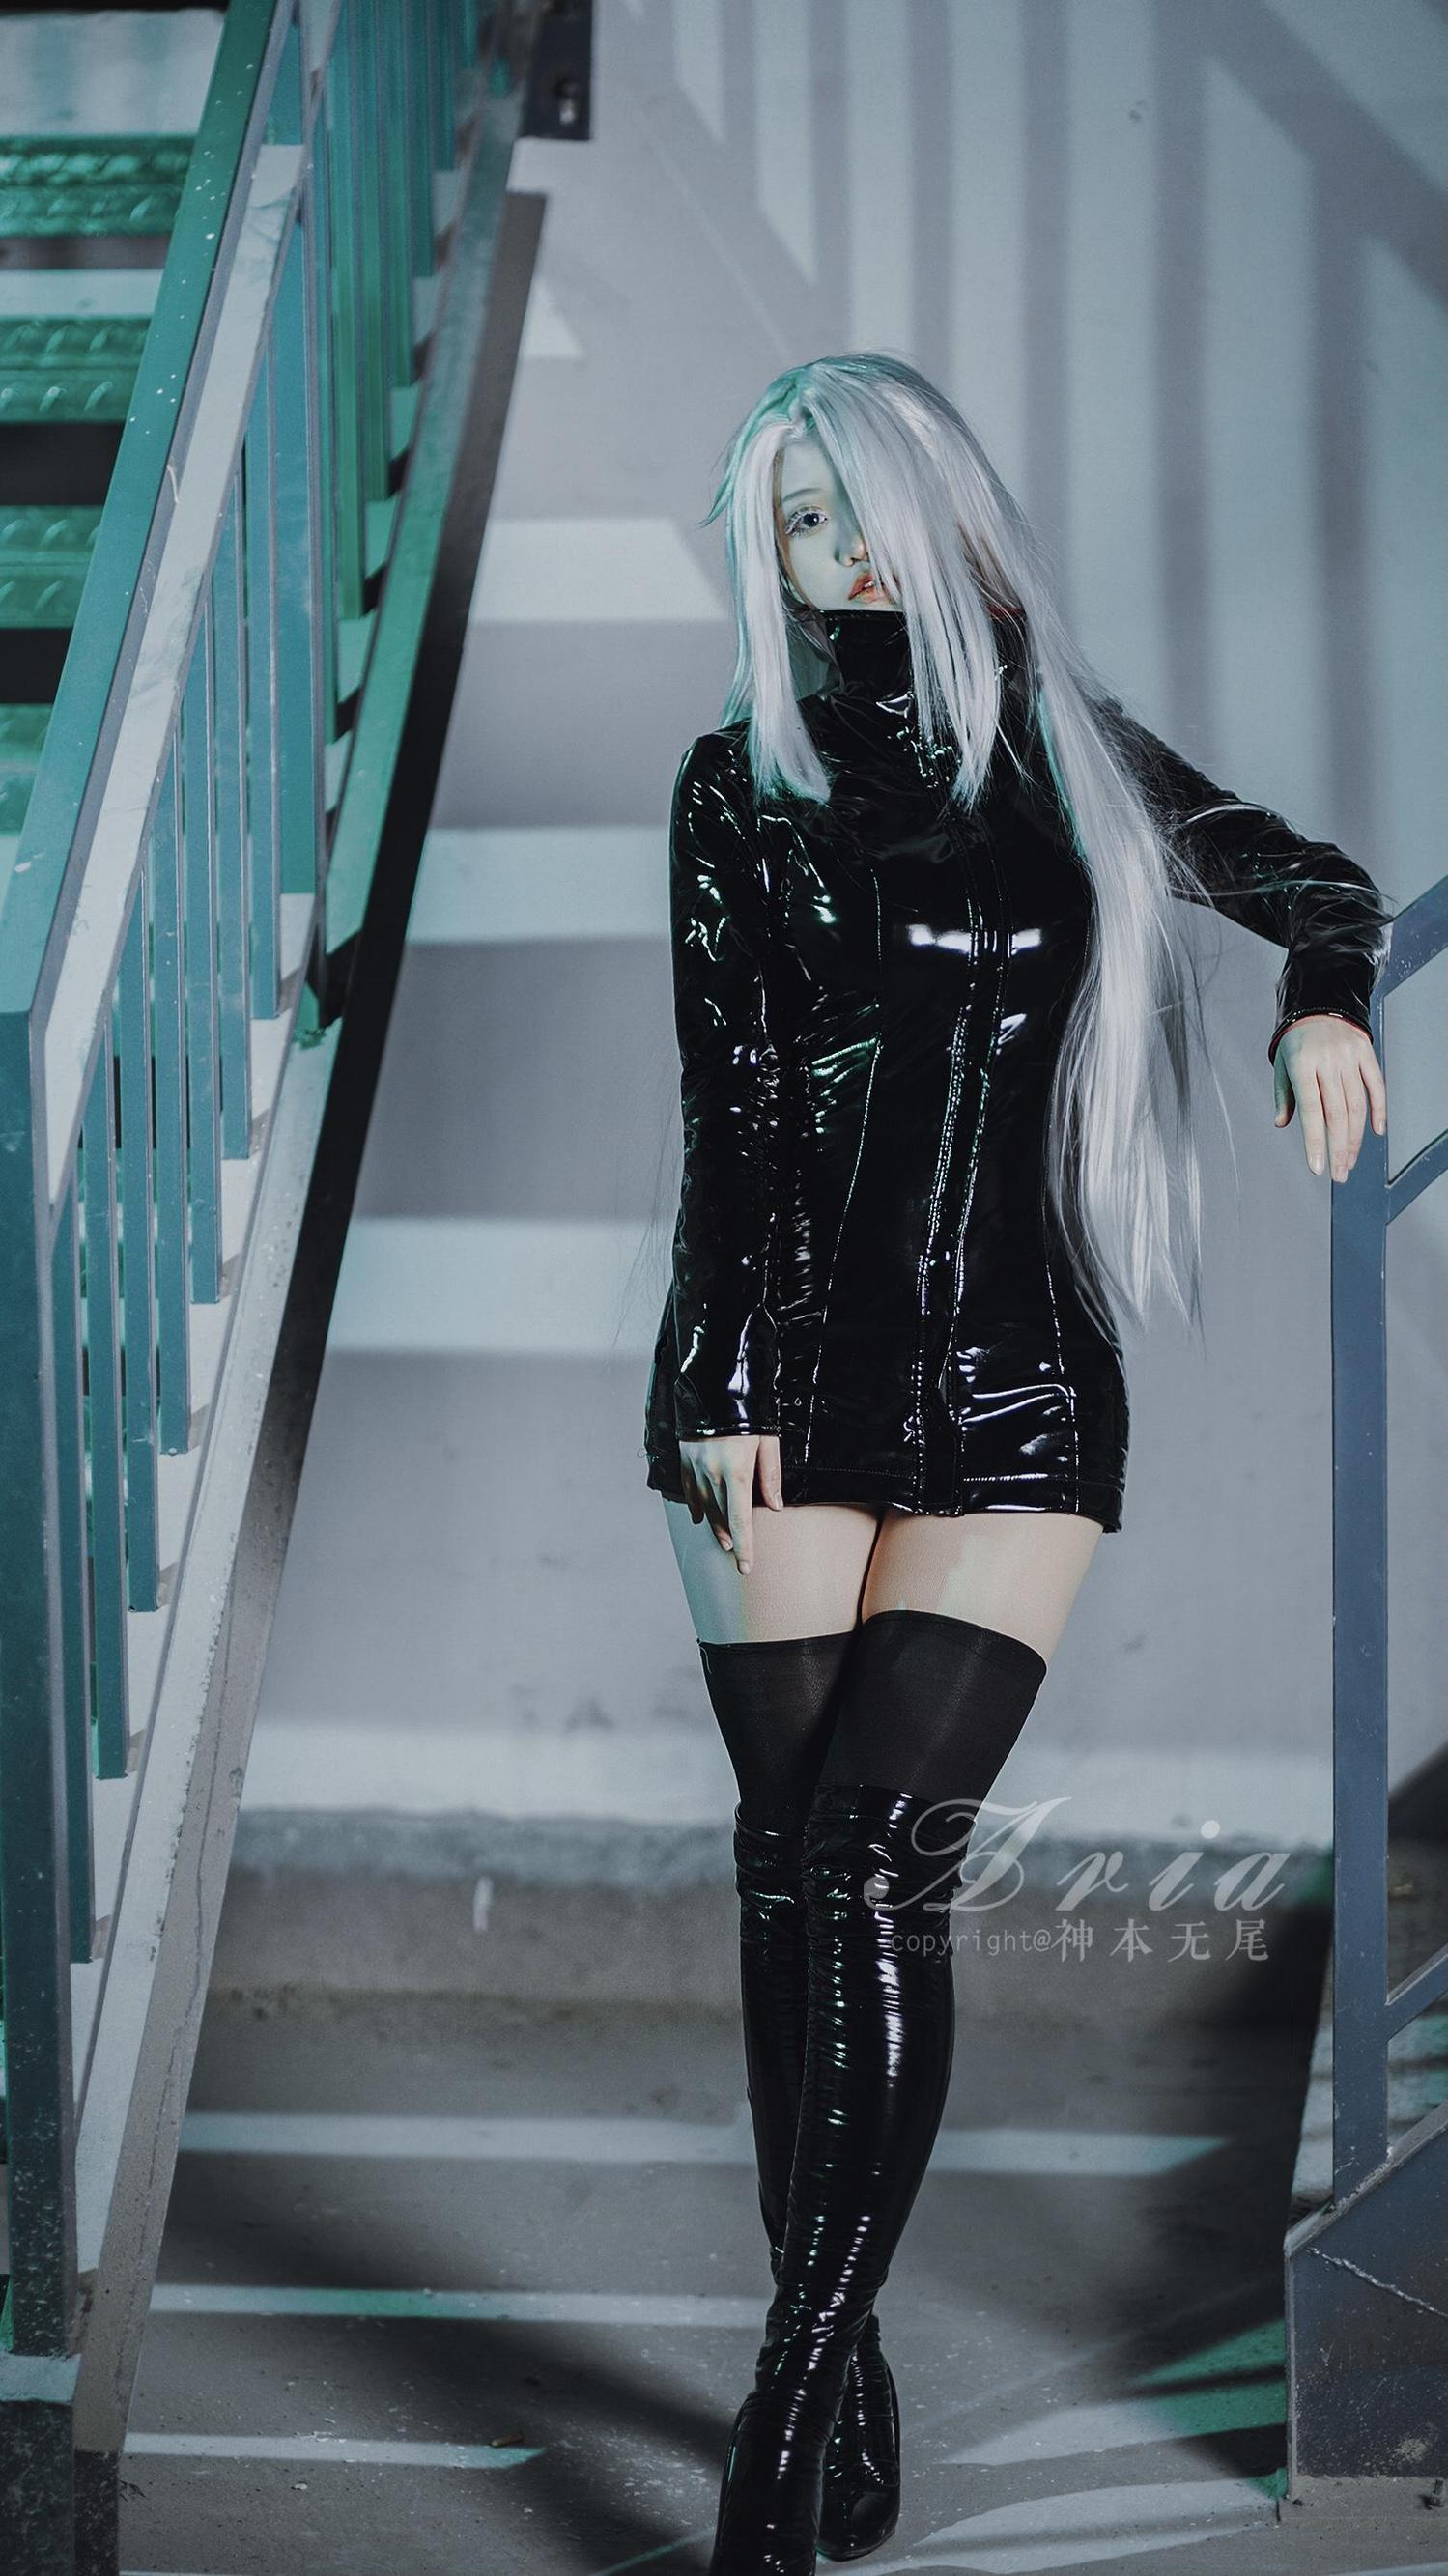 《咒术回战》正片cosplay【CN:神本无尾】-第11张